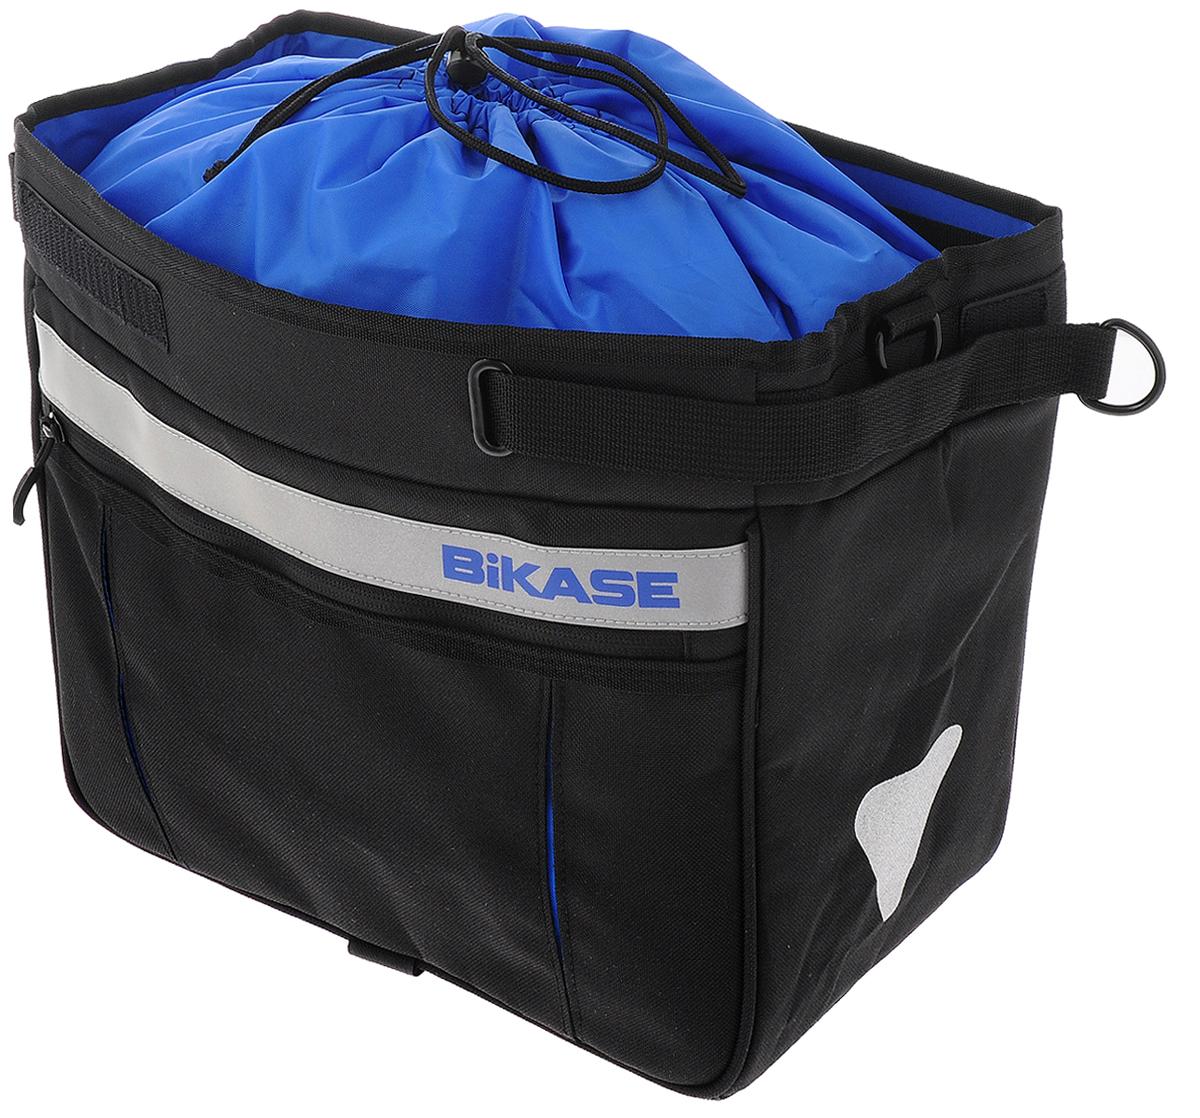 Раздвижная сумка на багажник BiKase Grocery Pannier, цвет: черный, синий, серебристыйAG014Удобная портативная сумка на багажник BiKase Grocery Pannier выполнена из высококачественного нейлона и оснащена твердой пластиковой вставкой. Подходит к большинству типов багажников. Раздвигается до сумки стандартных размеров. Сумка оснащена одним вместительным отделением, сбоку размещен карман для мелких вещей на застежке-молнии. Светоотражающие вставки обеспечивают вашу безопасность на дороге. Выдерживает 11 кг нагрузки. Сумка оснащена кольцами для подвешивания ремня (не входит в комплект).Размер в разложенном виде: 34 х 16 х 26 см.Размер в сложенном виде: 36 х 26 х 6 см.